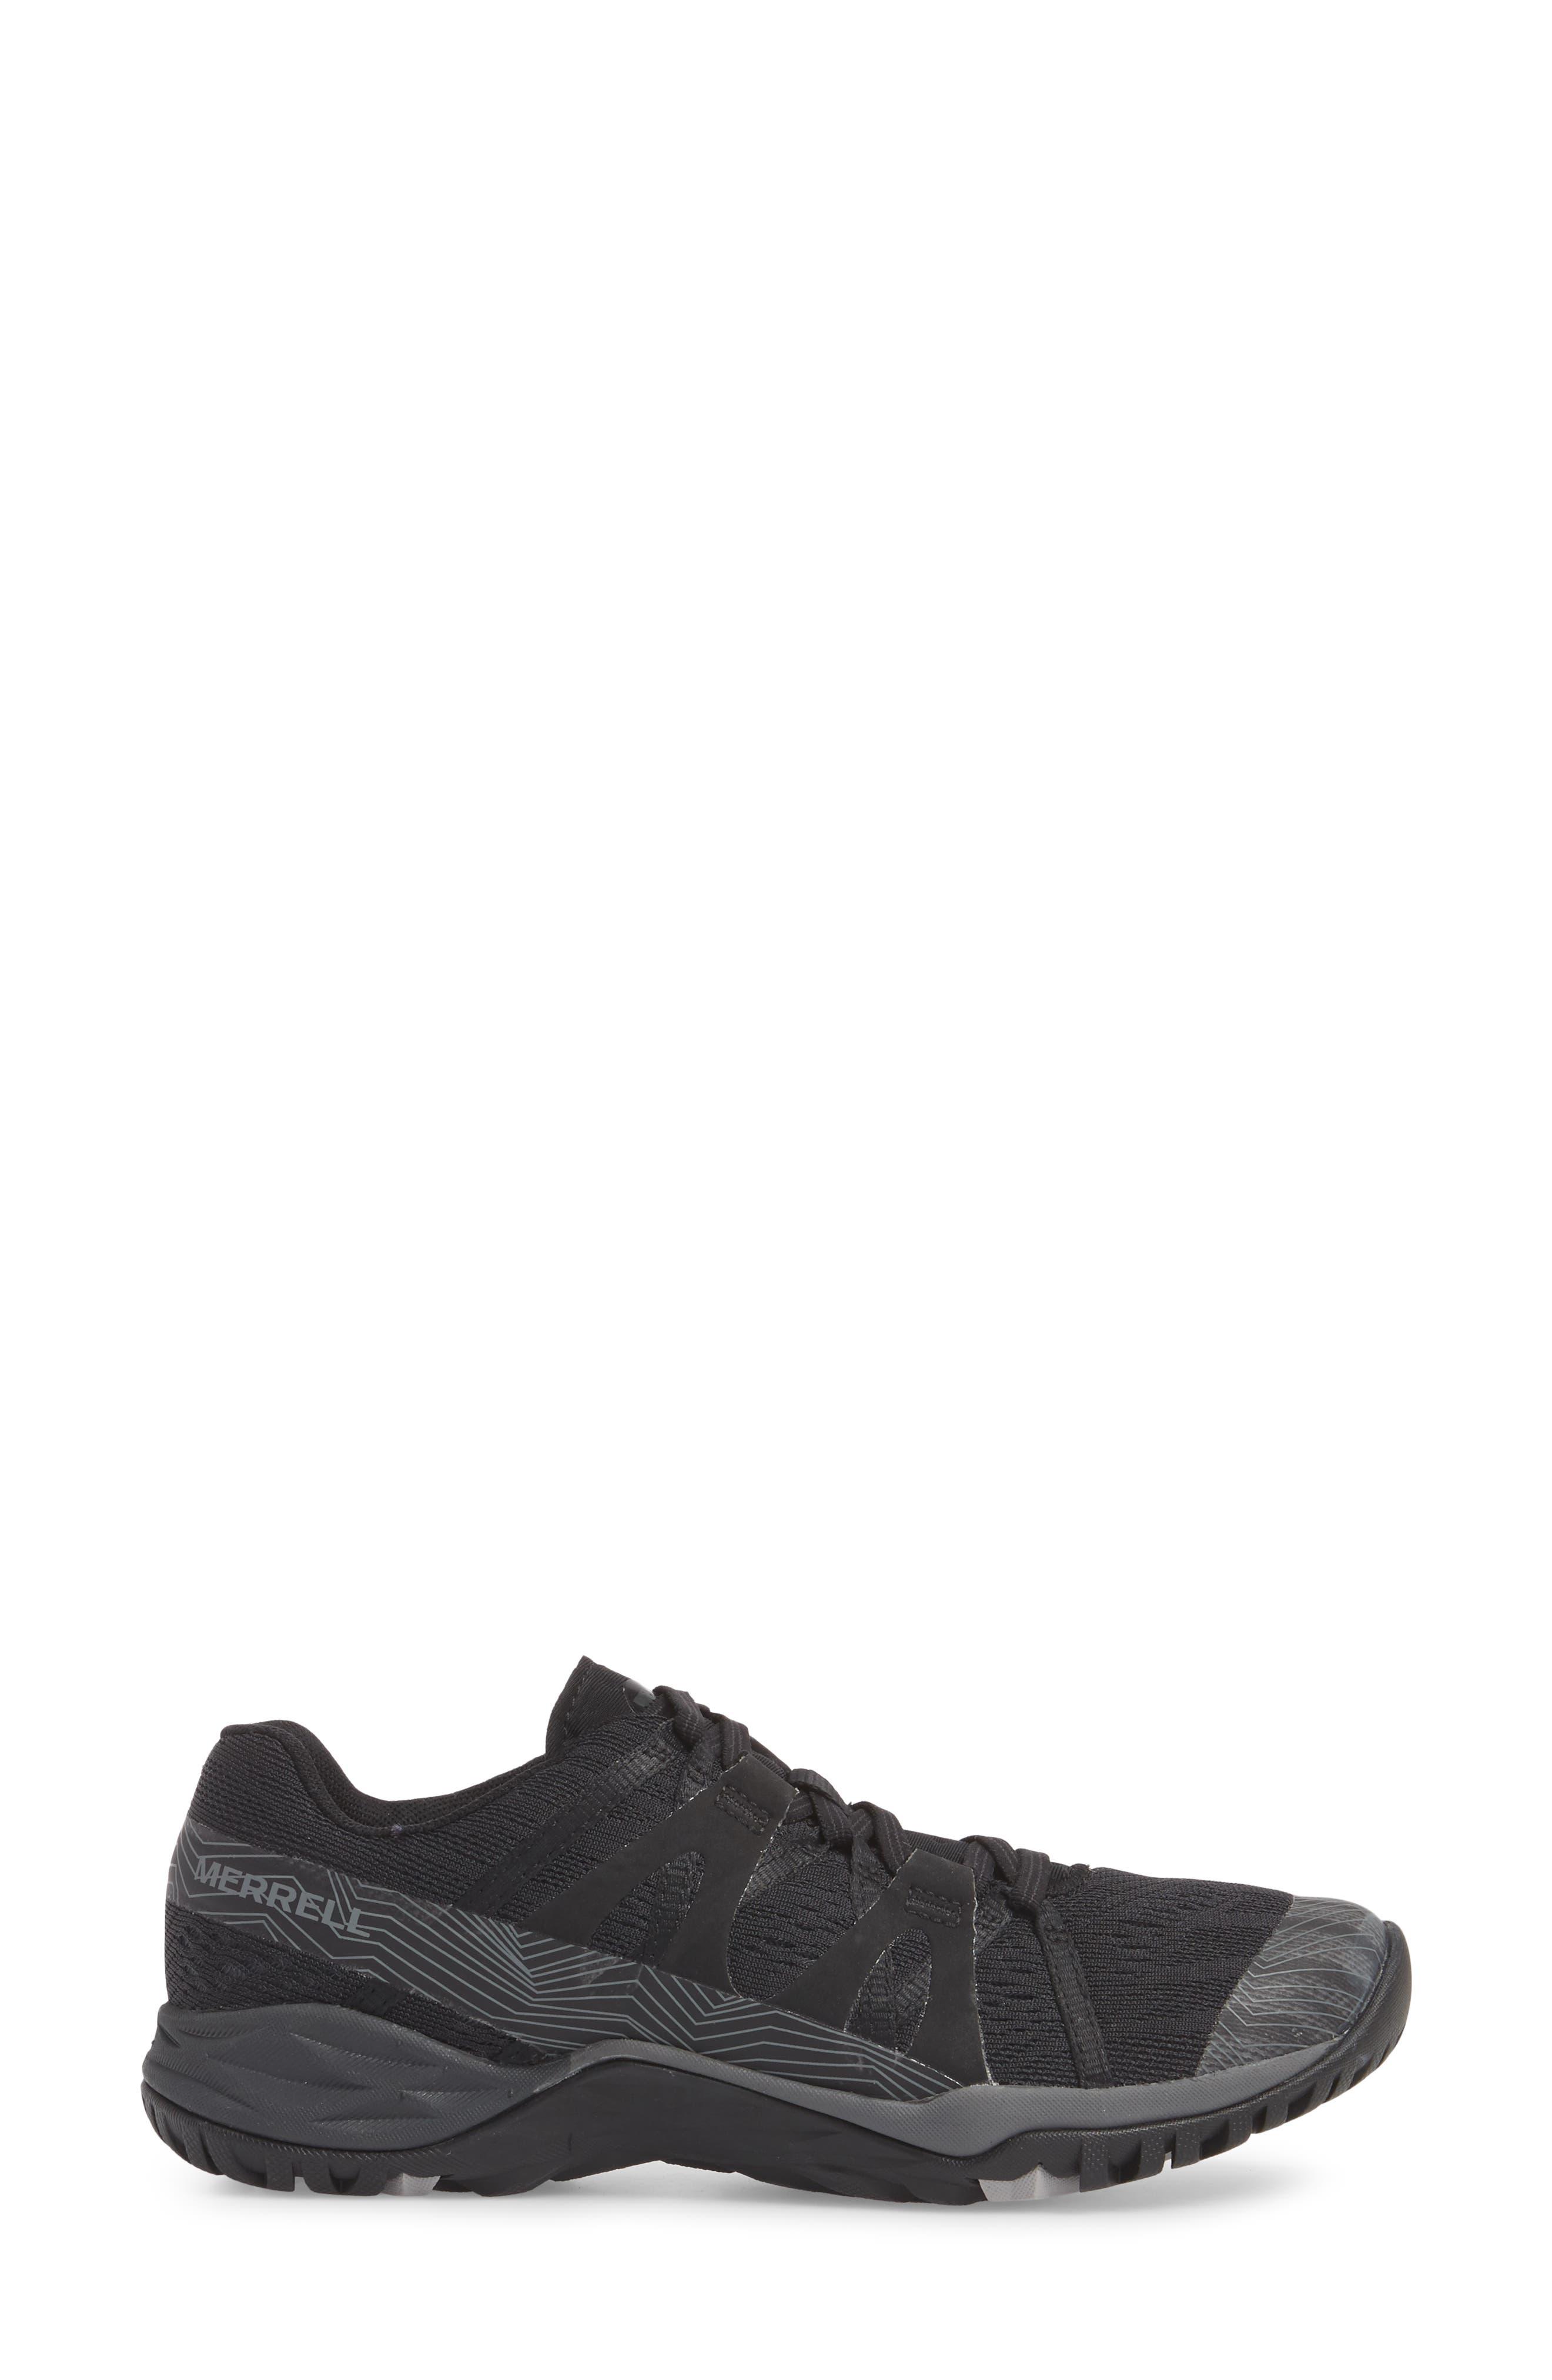 Siren Hex Sneaker,                             Alternate thumbnail 3, color,                             001